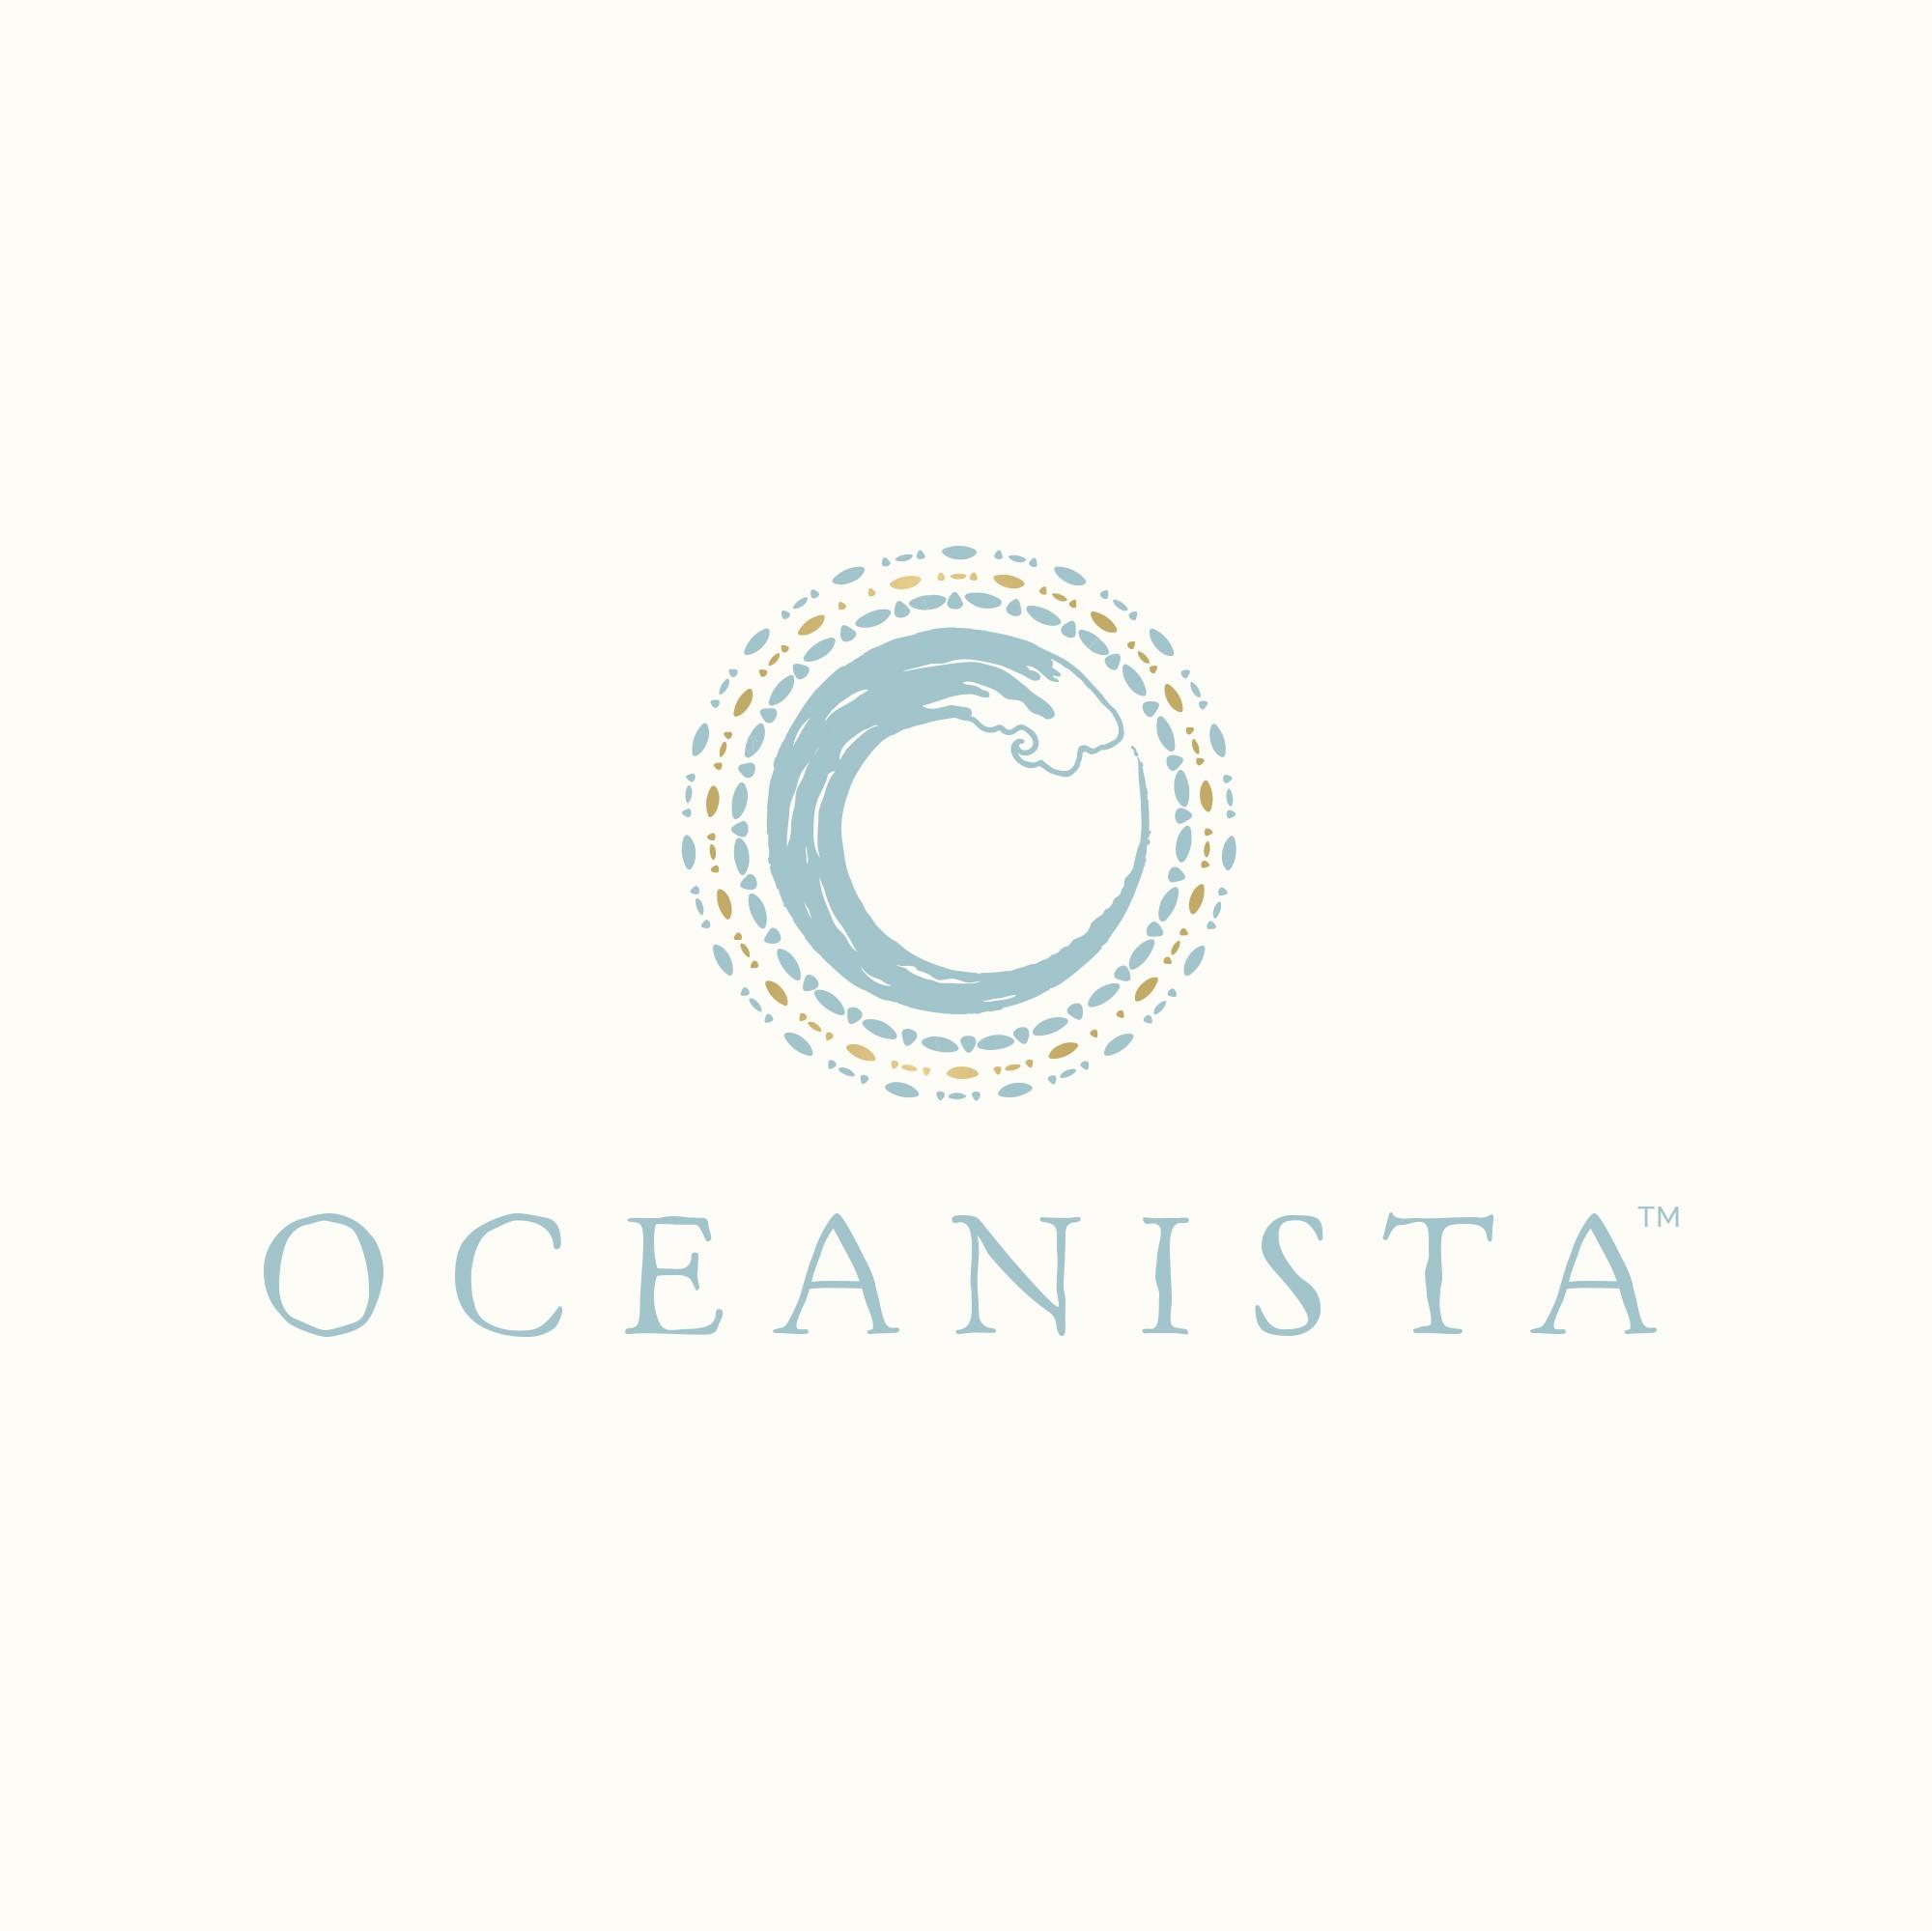 Oceanista update logo